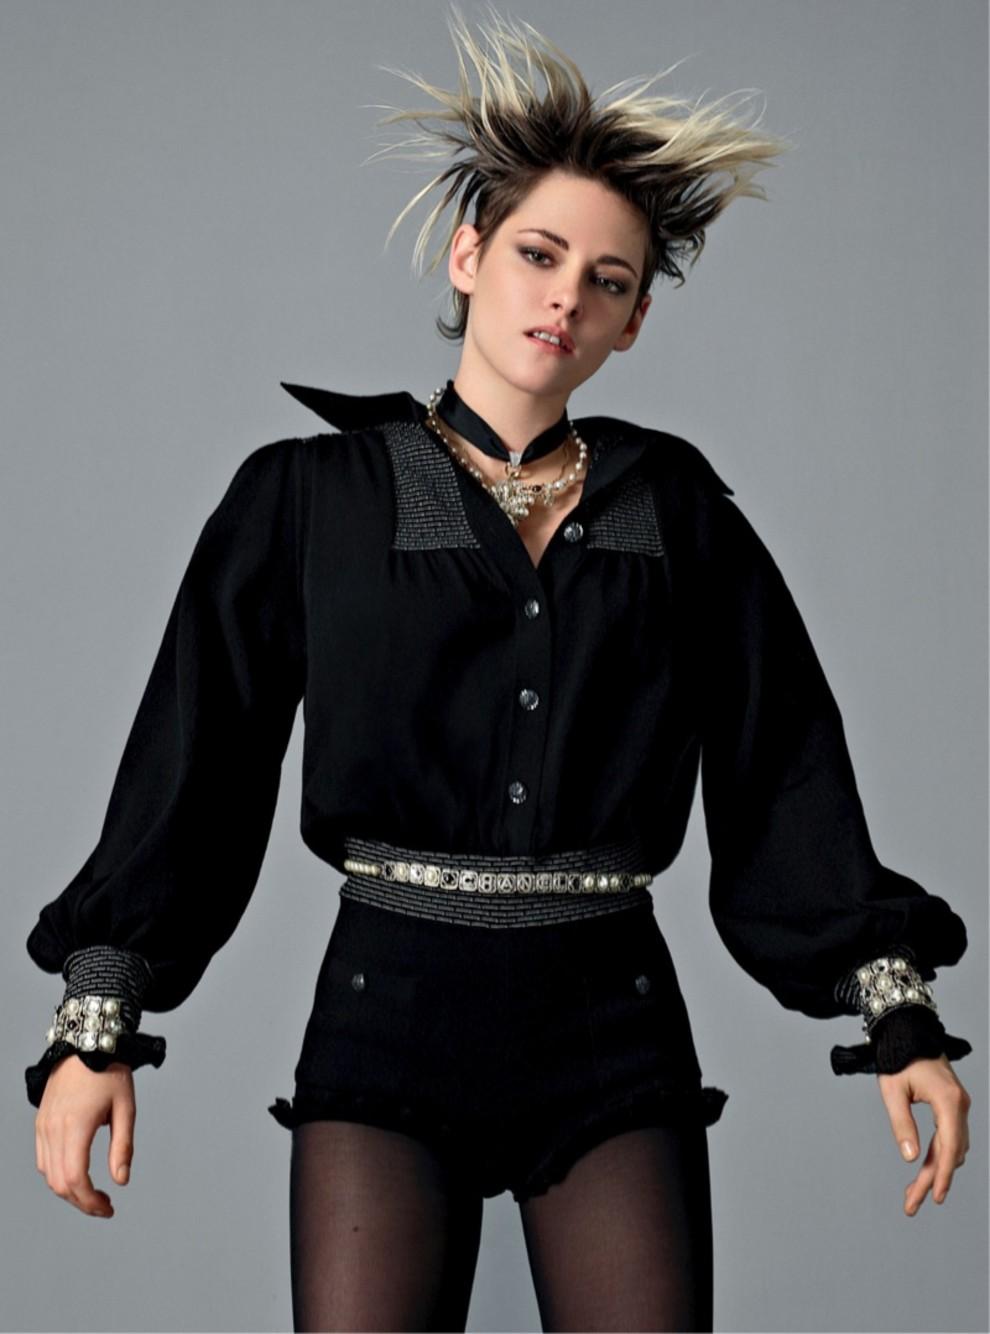 Кристен Стюарт в черном костюме